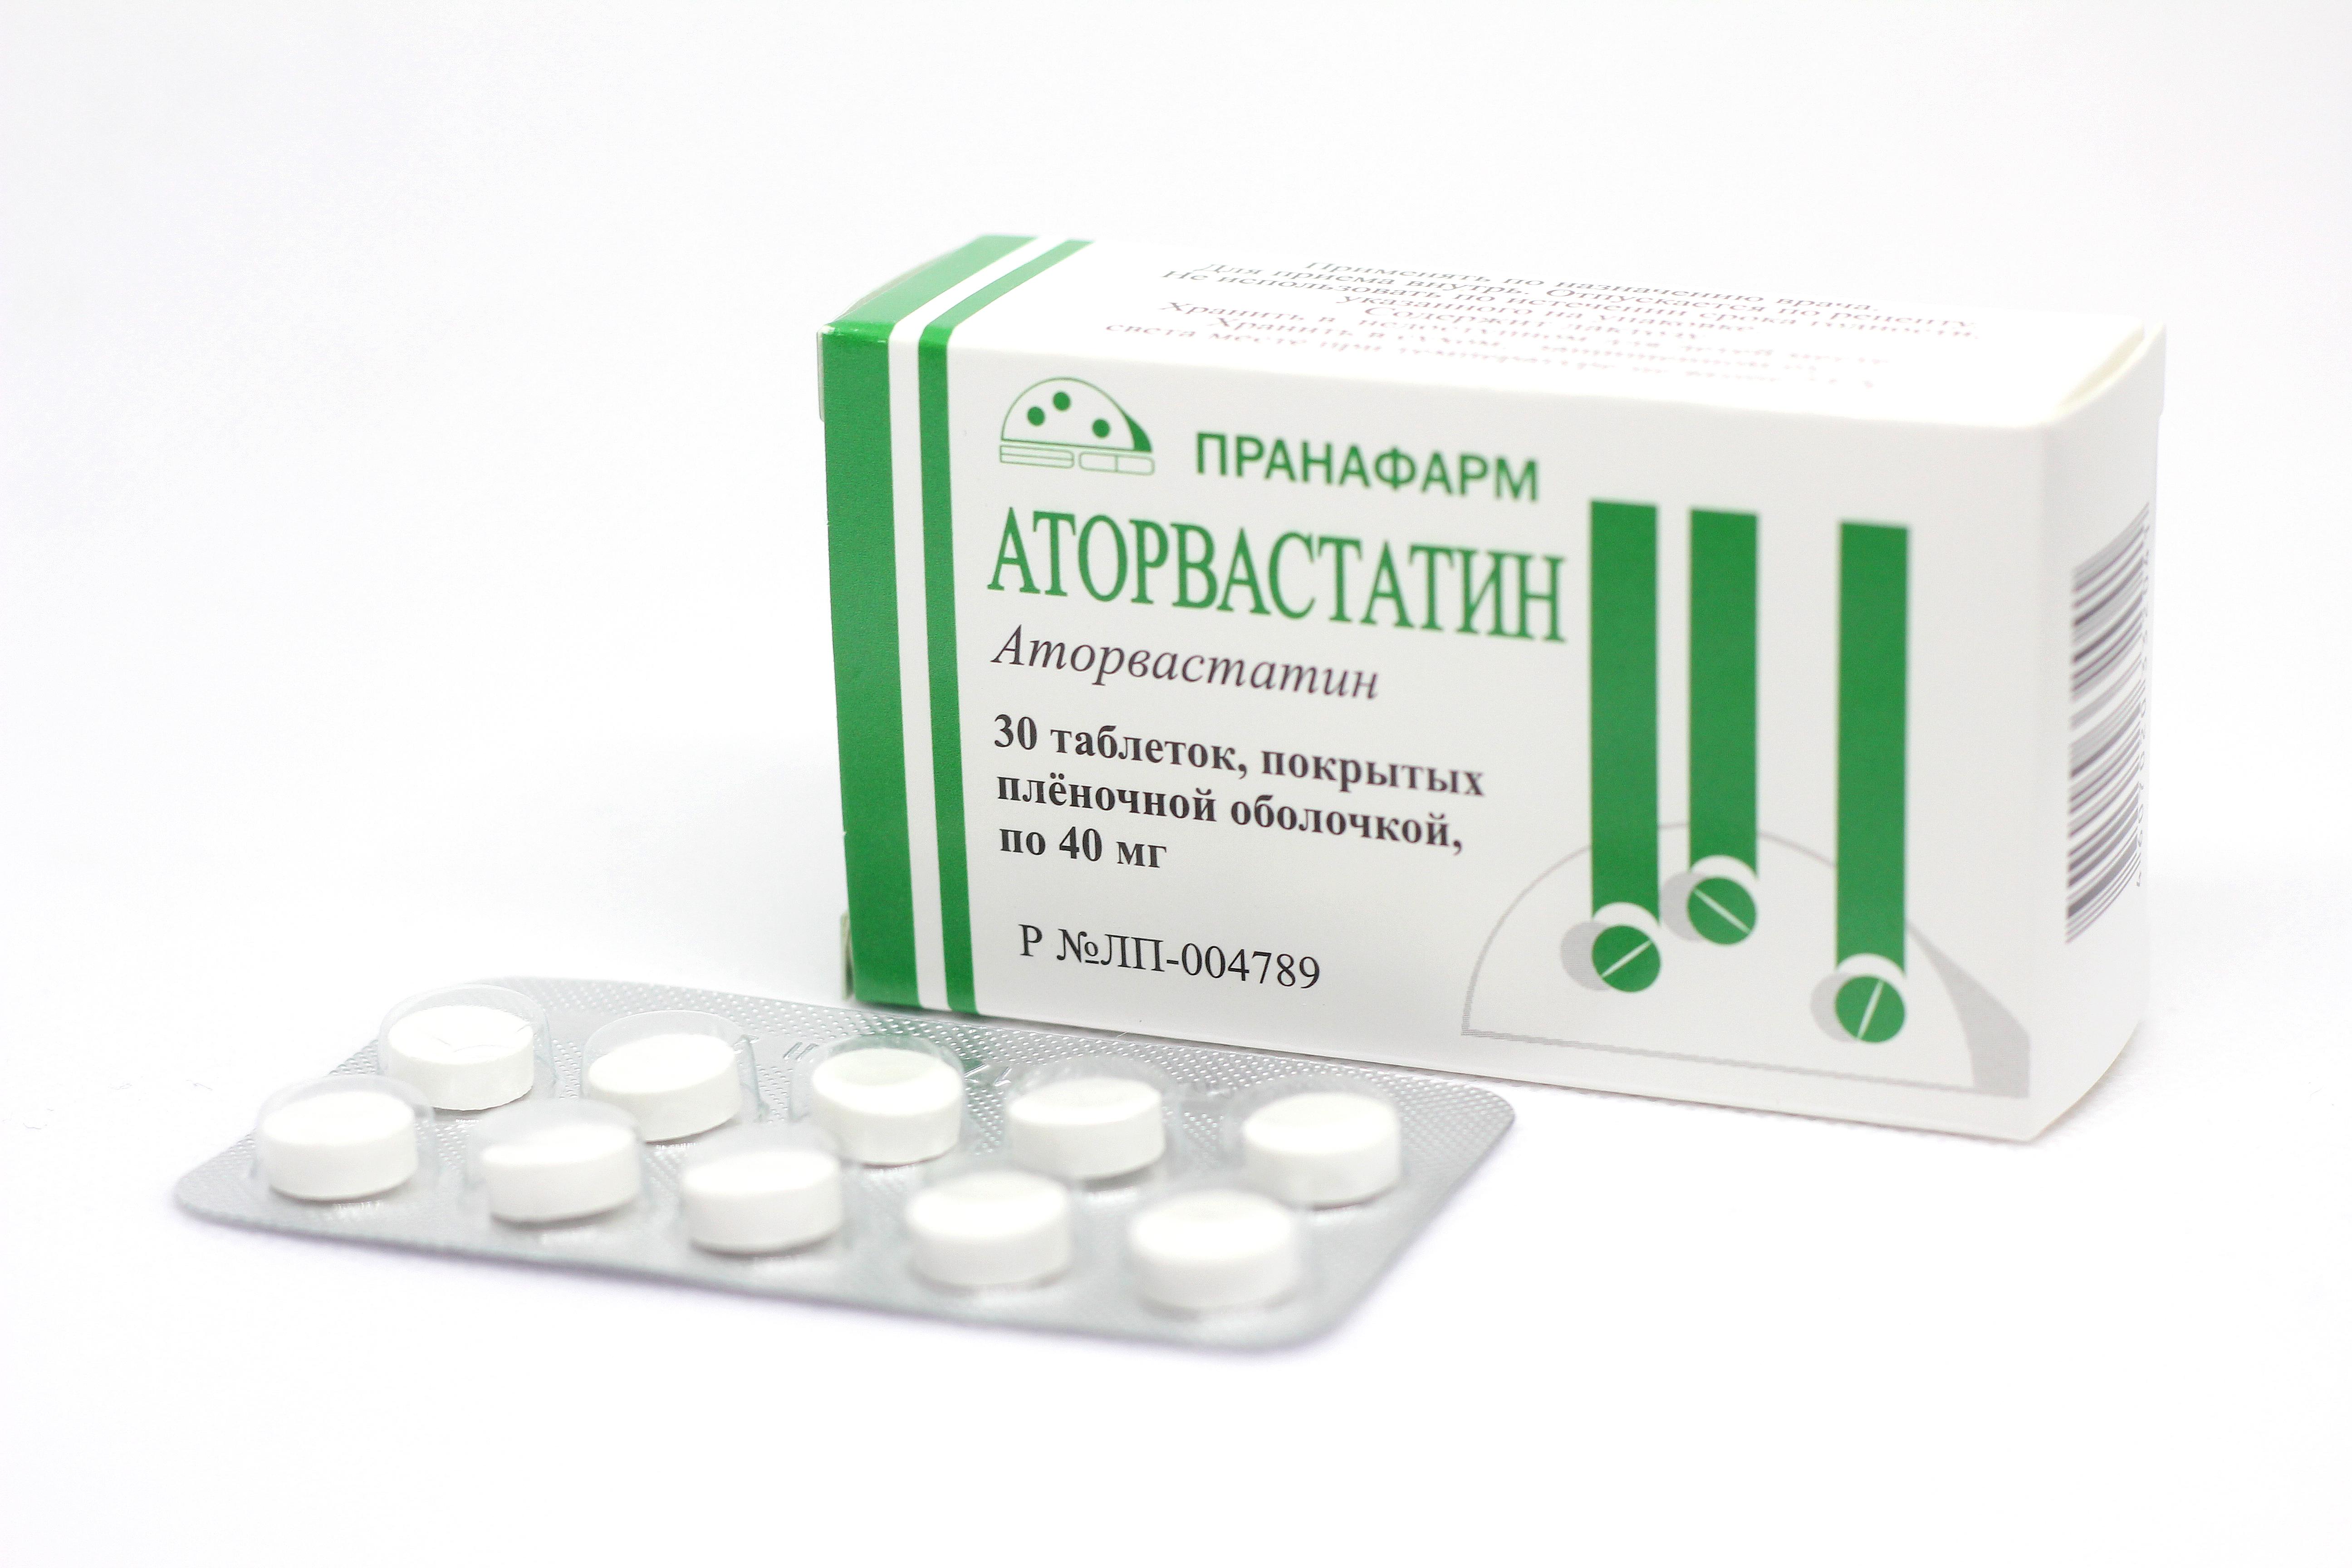 Аторвастатин: инструкция по применению, аналоги и отзывы, цены в аптеках россии